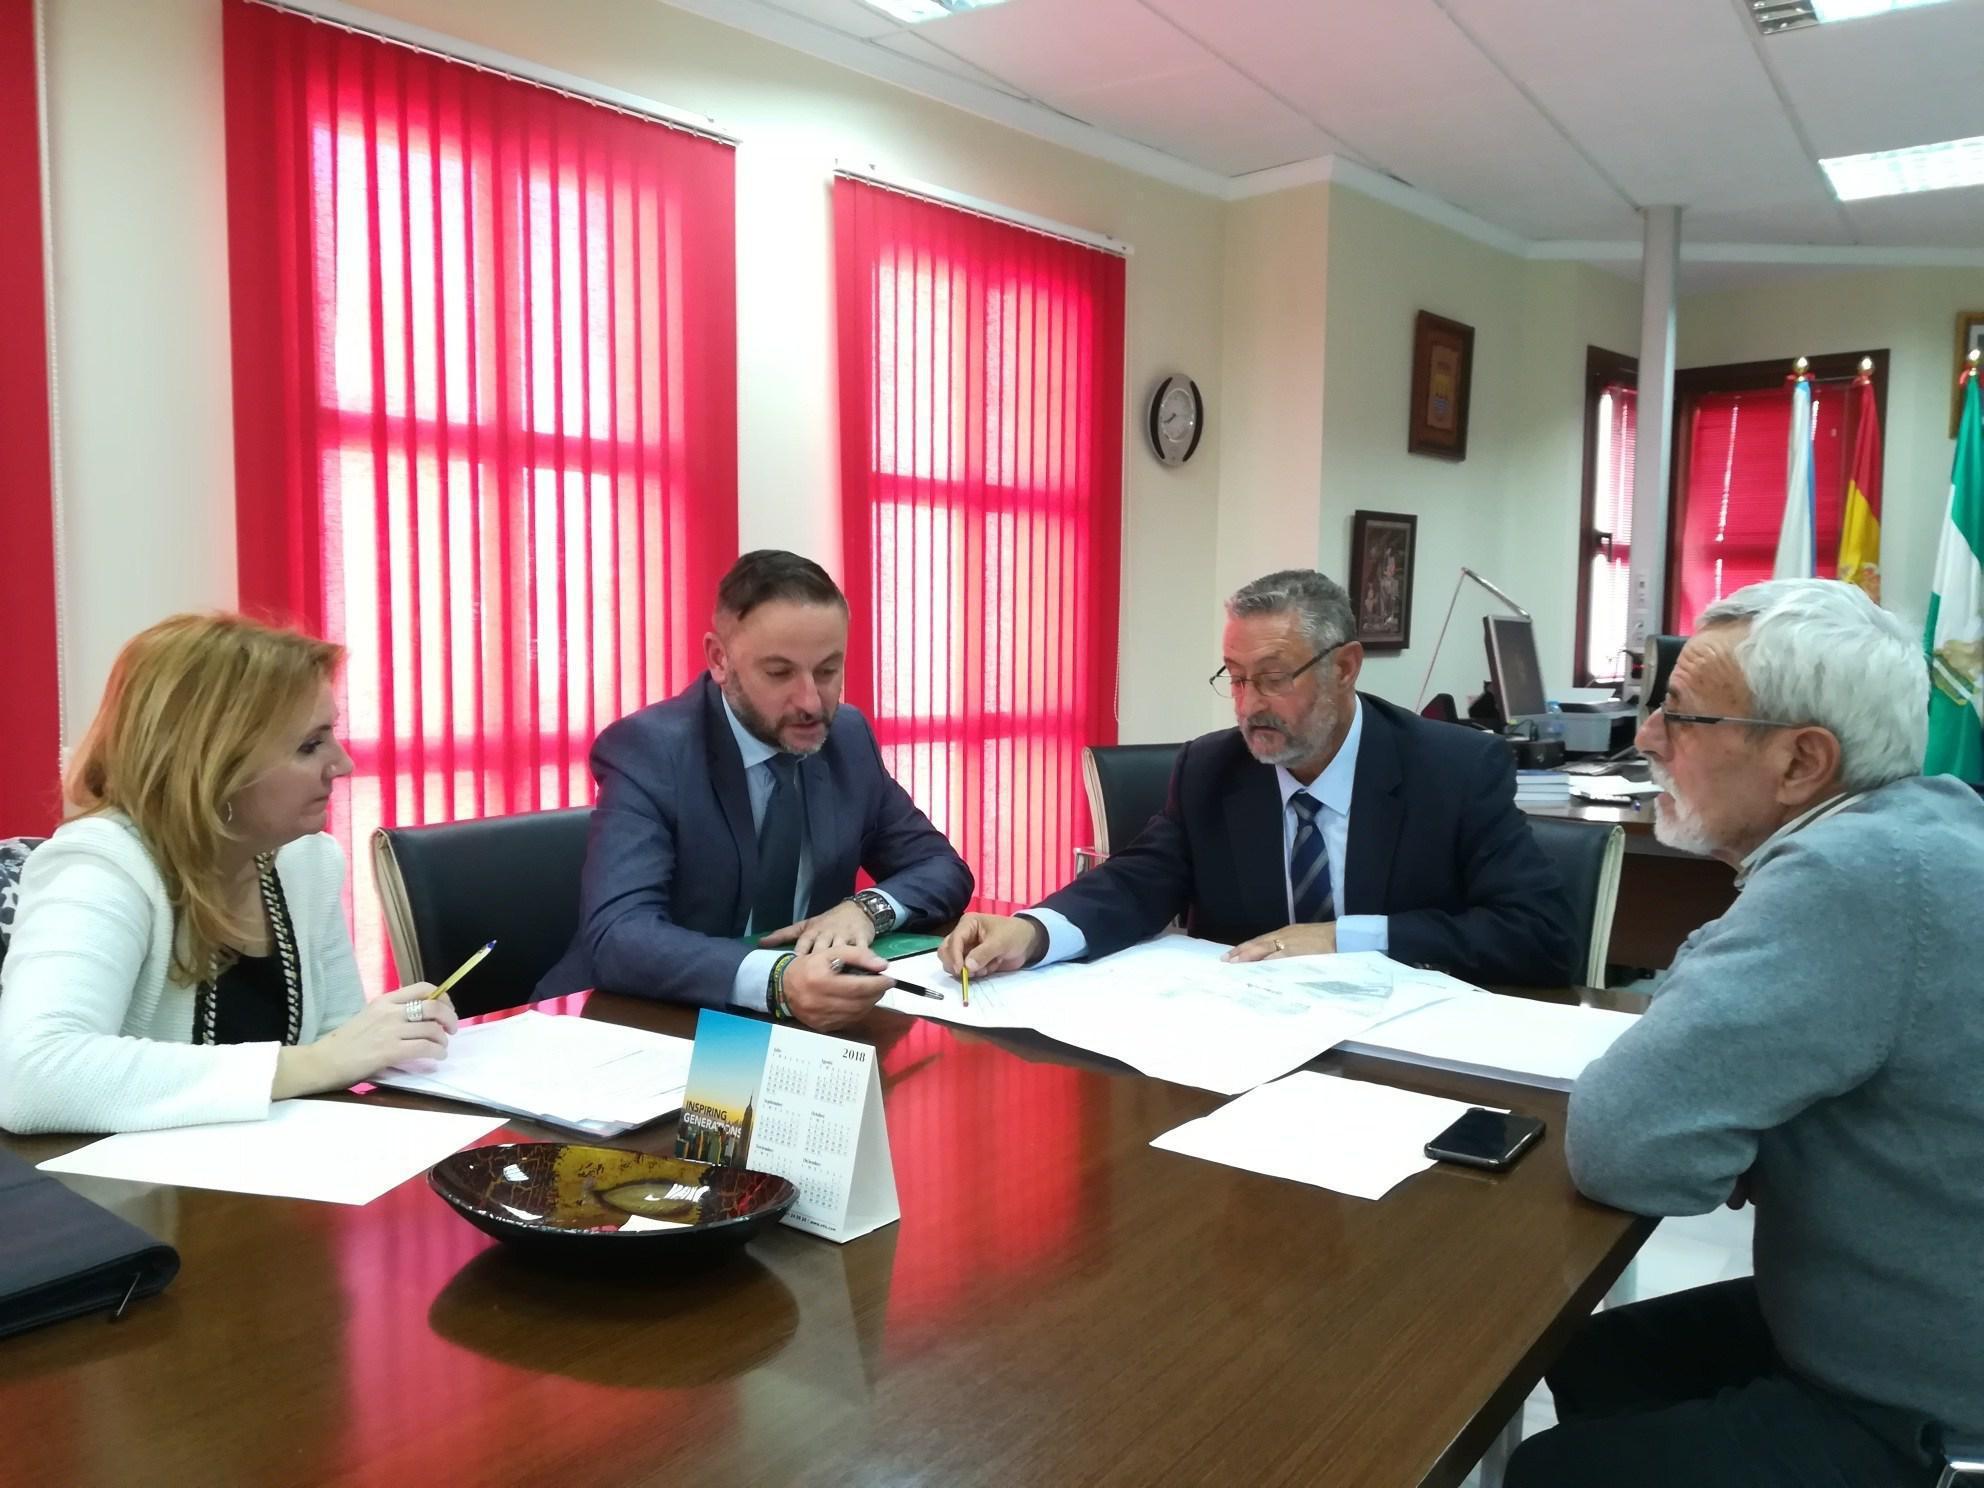 La junta y ayuntamiento de albox acuerdan la cesi n de un for Oficina del sae